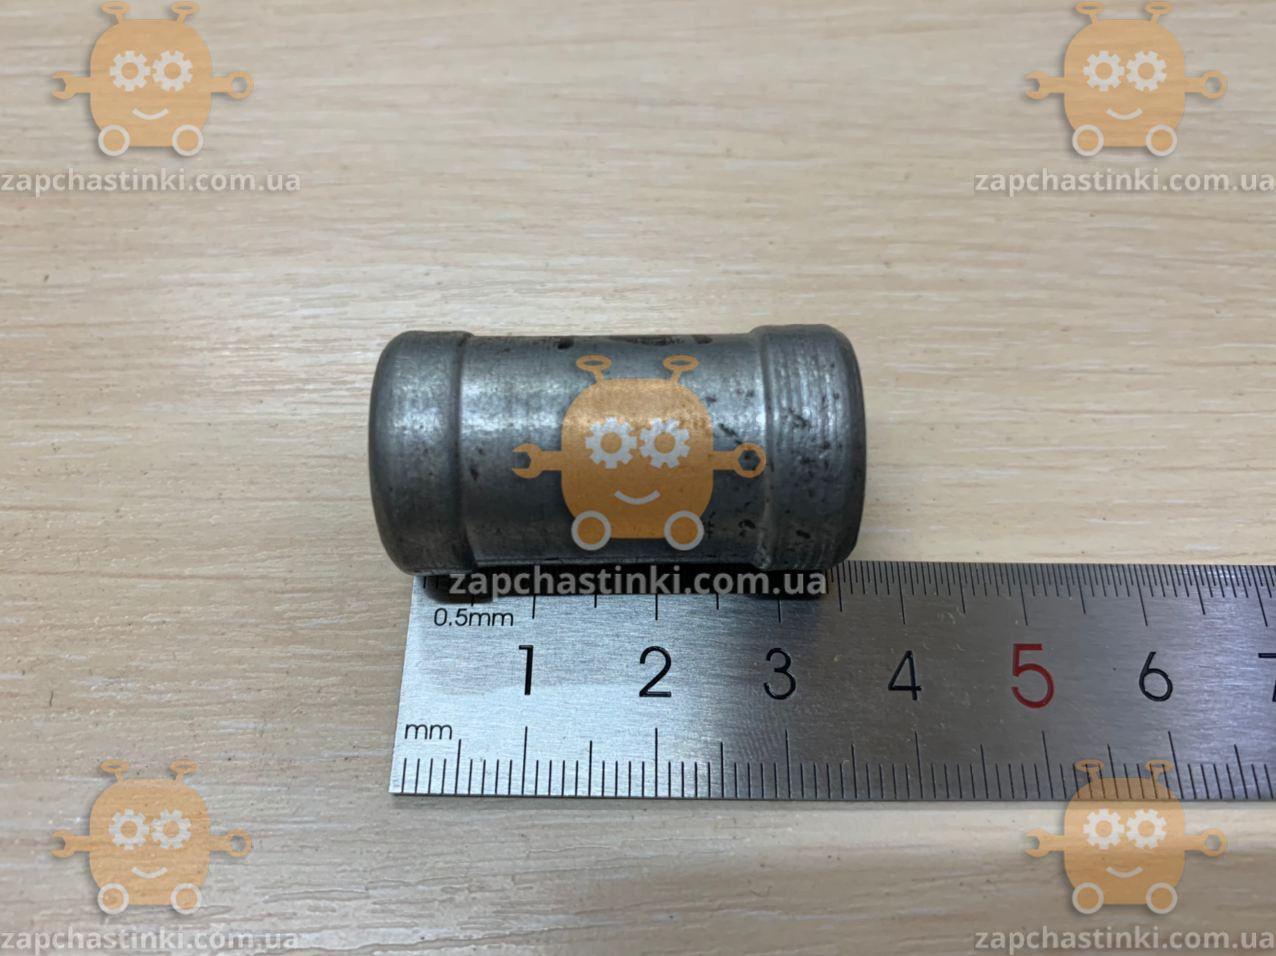 Двойник для шланг 18х18мм силумин переходник короткий (тосол, ГБО) (пр-во Россия)